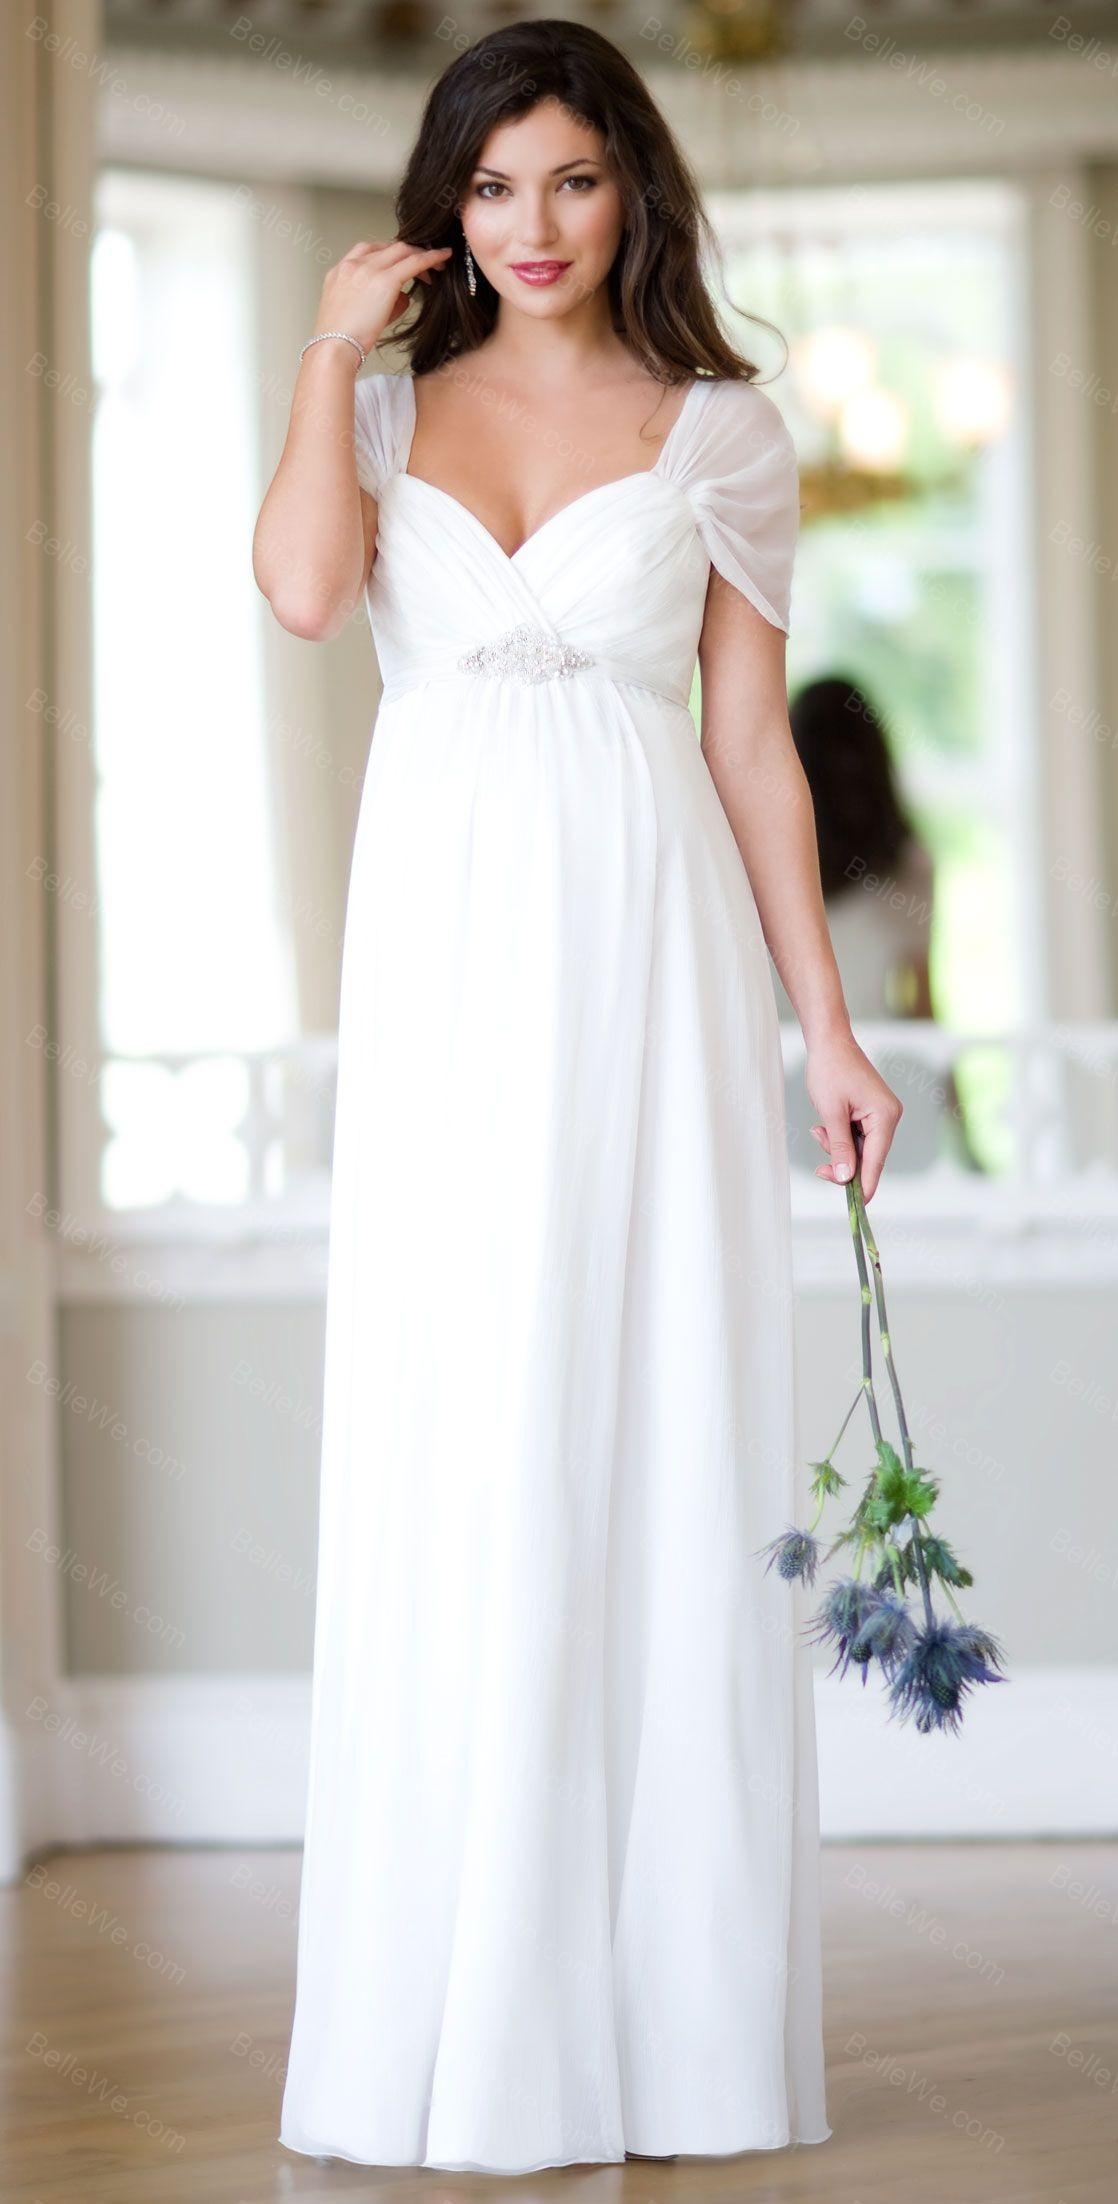 Très chemise de nuit satin longue blanc fille AO86